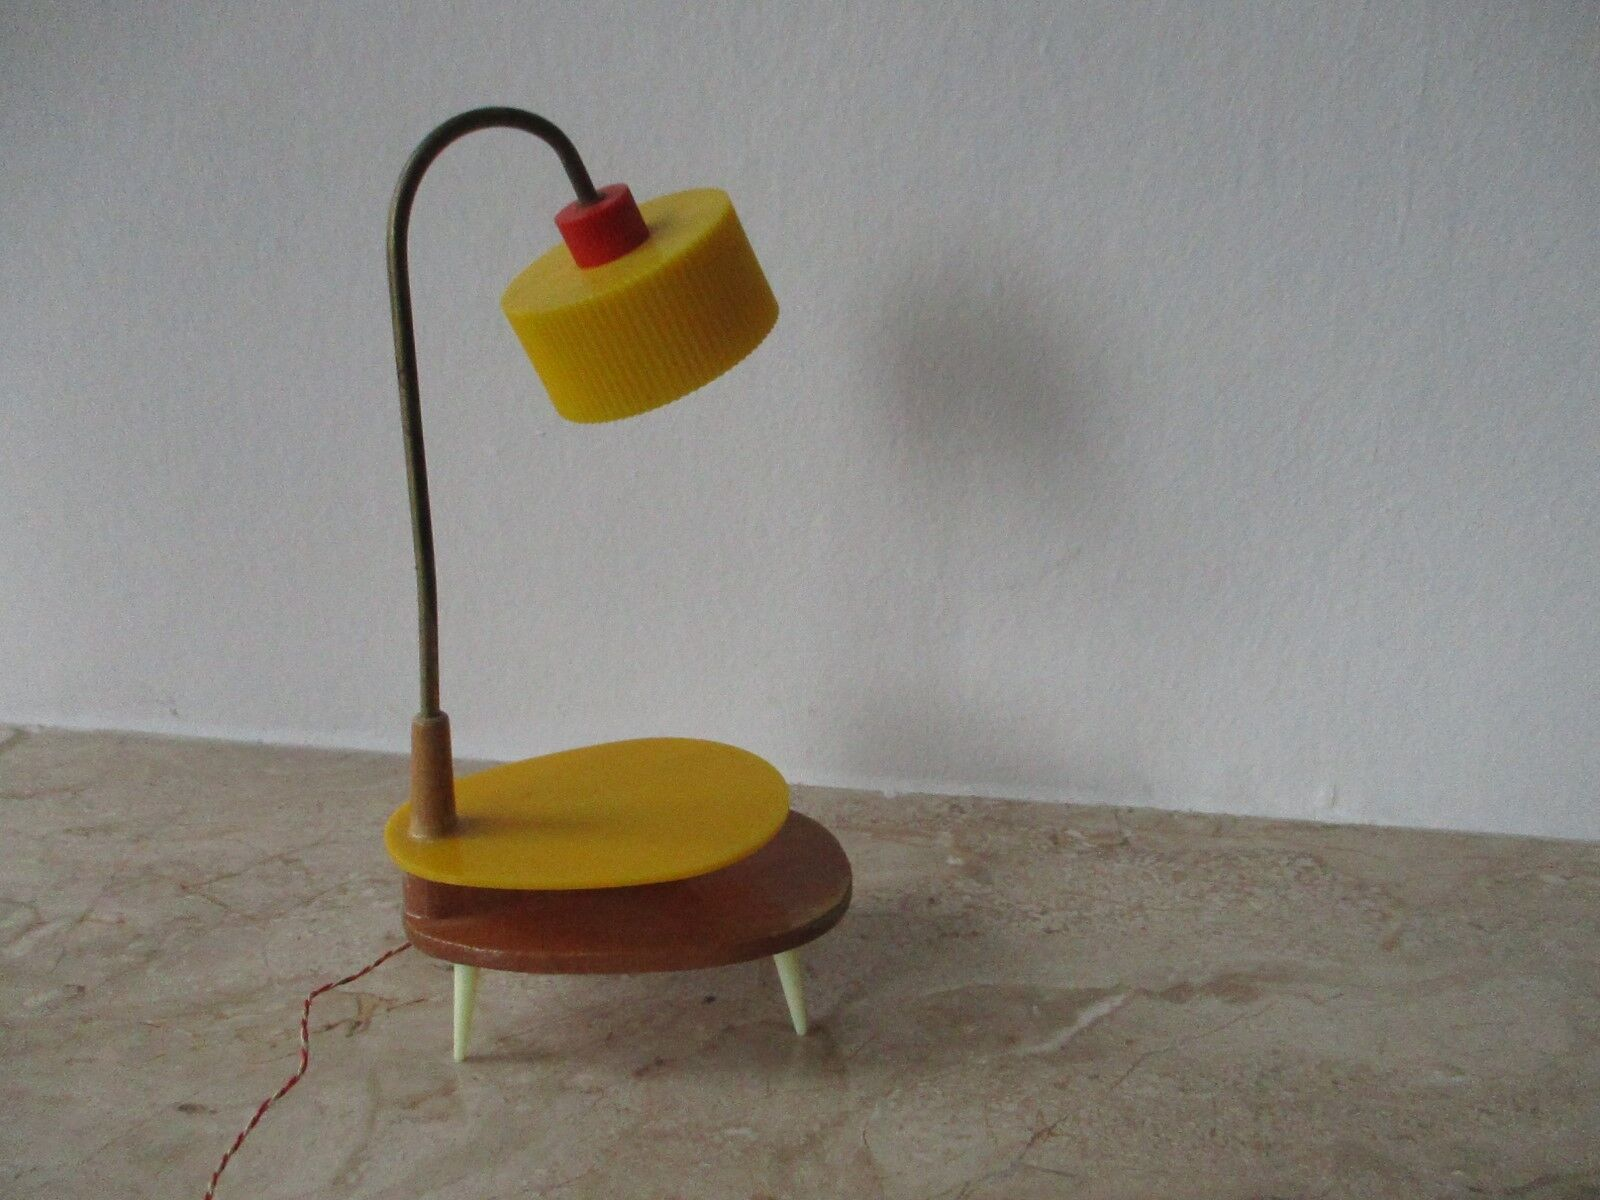 alte 60er jahre ddr wohnzimm stehlampe tischlampe f r die puppenstube eur 49 99 picclick de. Black Bedroom Furniture Sets. Home Design Ideas